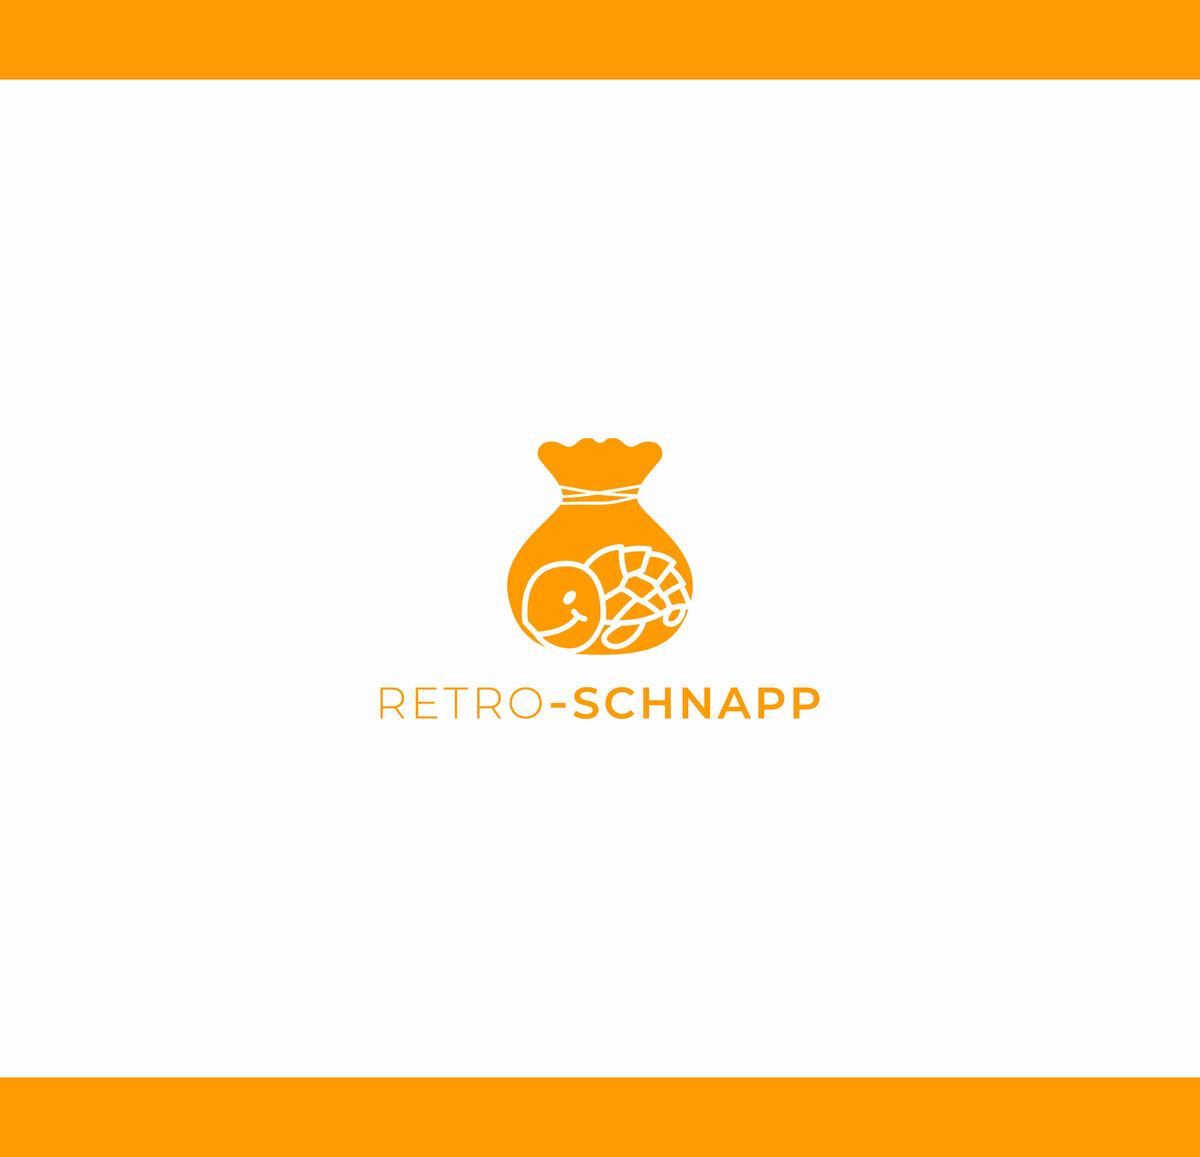 Retro-Schnapp Shop